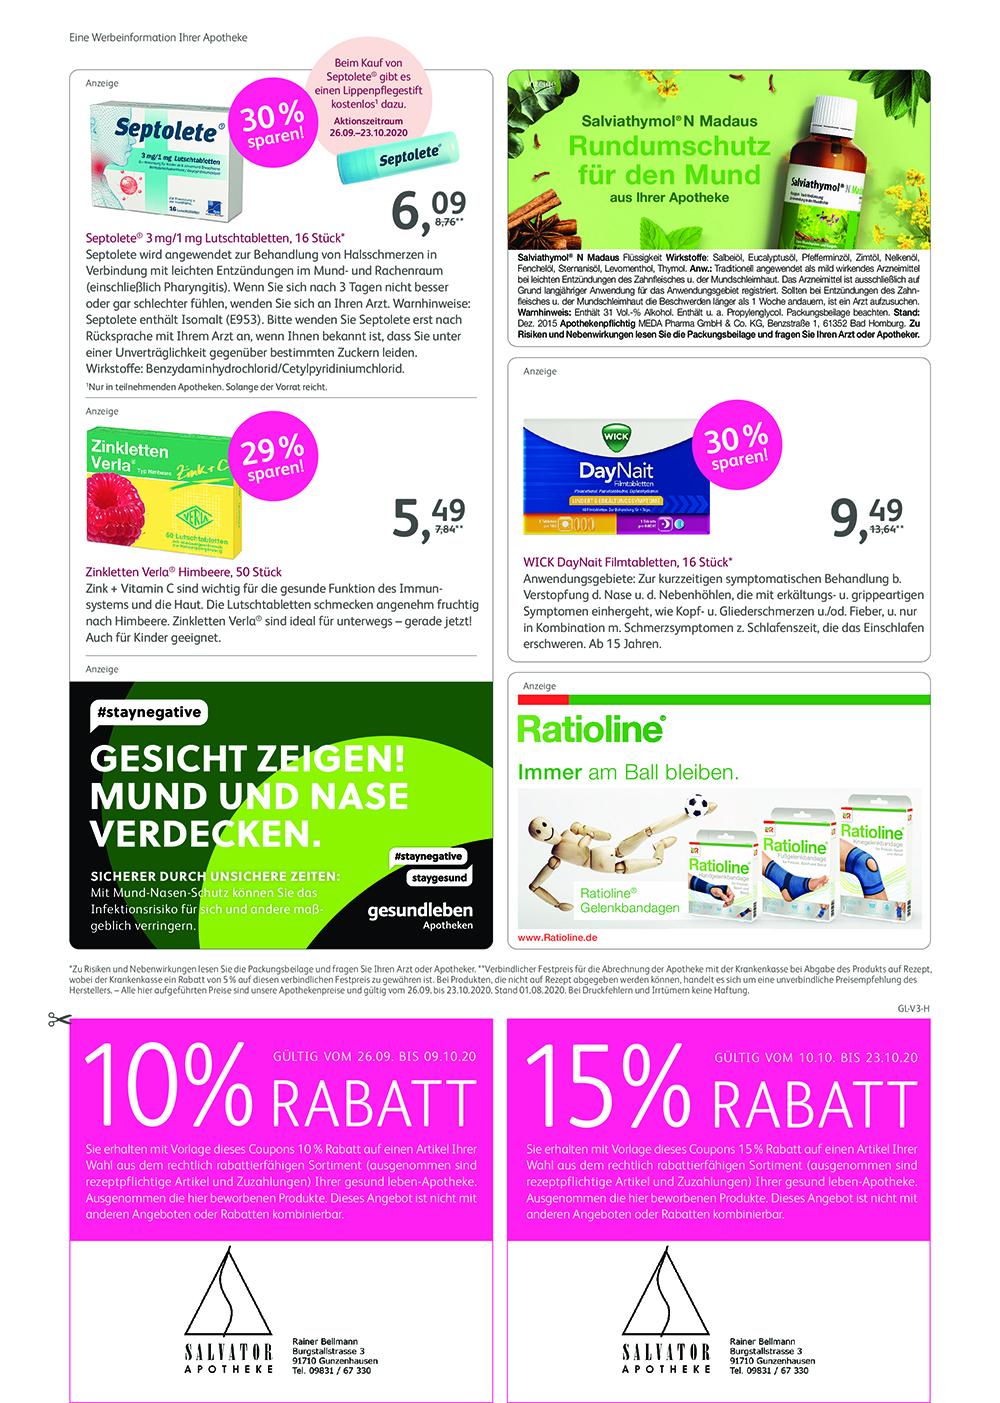 http://www.apotheken.de/fileadmin/clubarea/00000-Angebote/91710_salvator_angebot_4.jpg